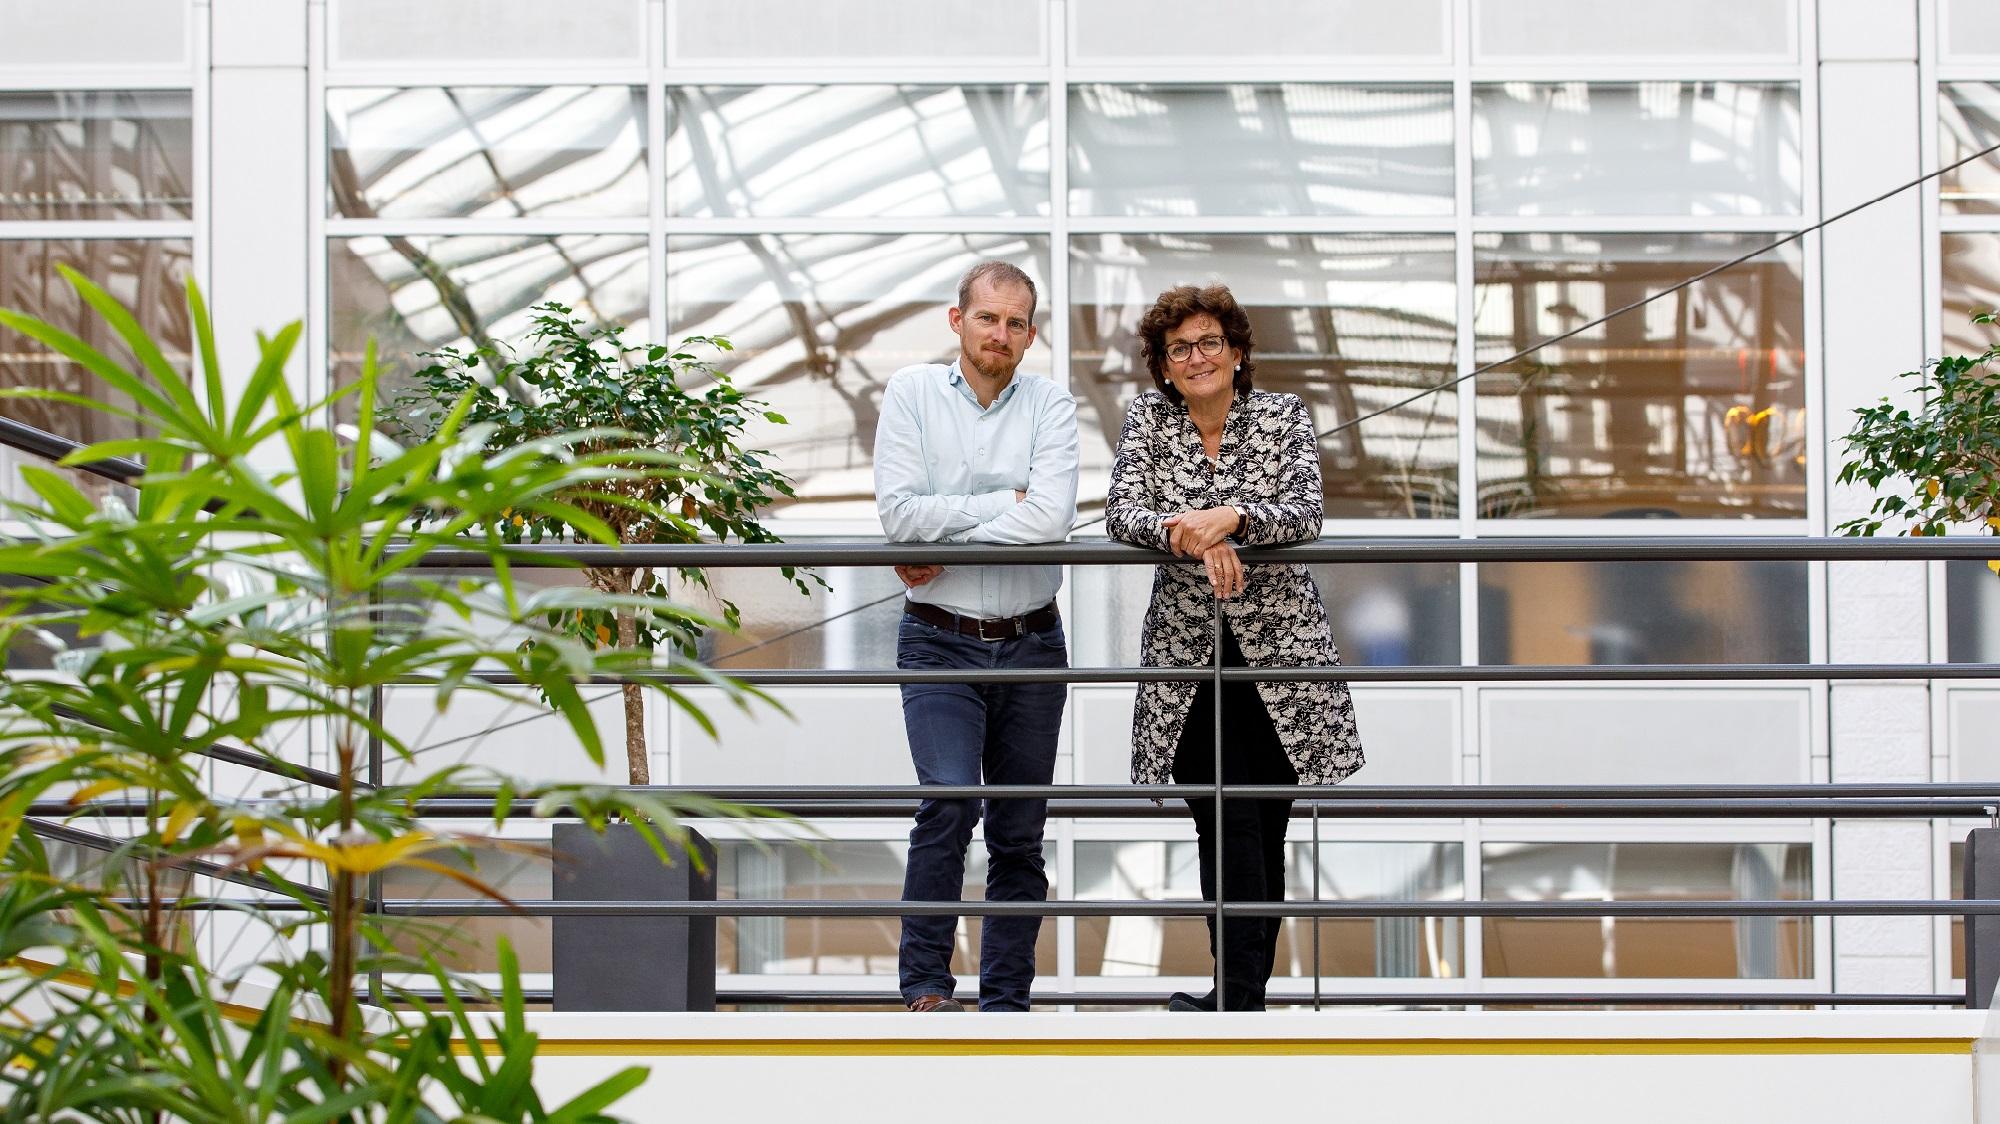 Leertraject persoonlijk leiderschap, Bernardine Mac-Lean en Albert Geerling